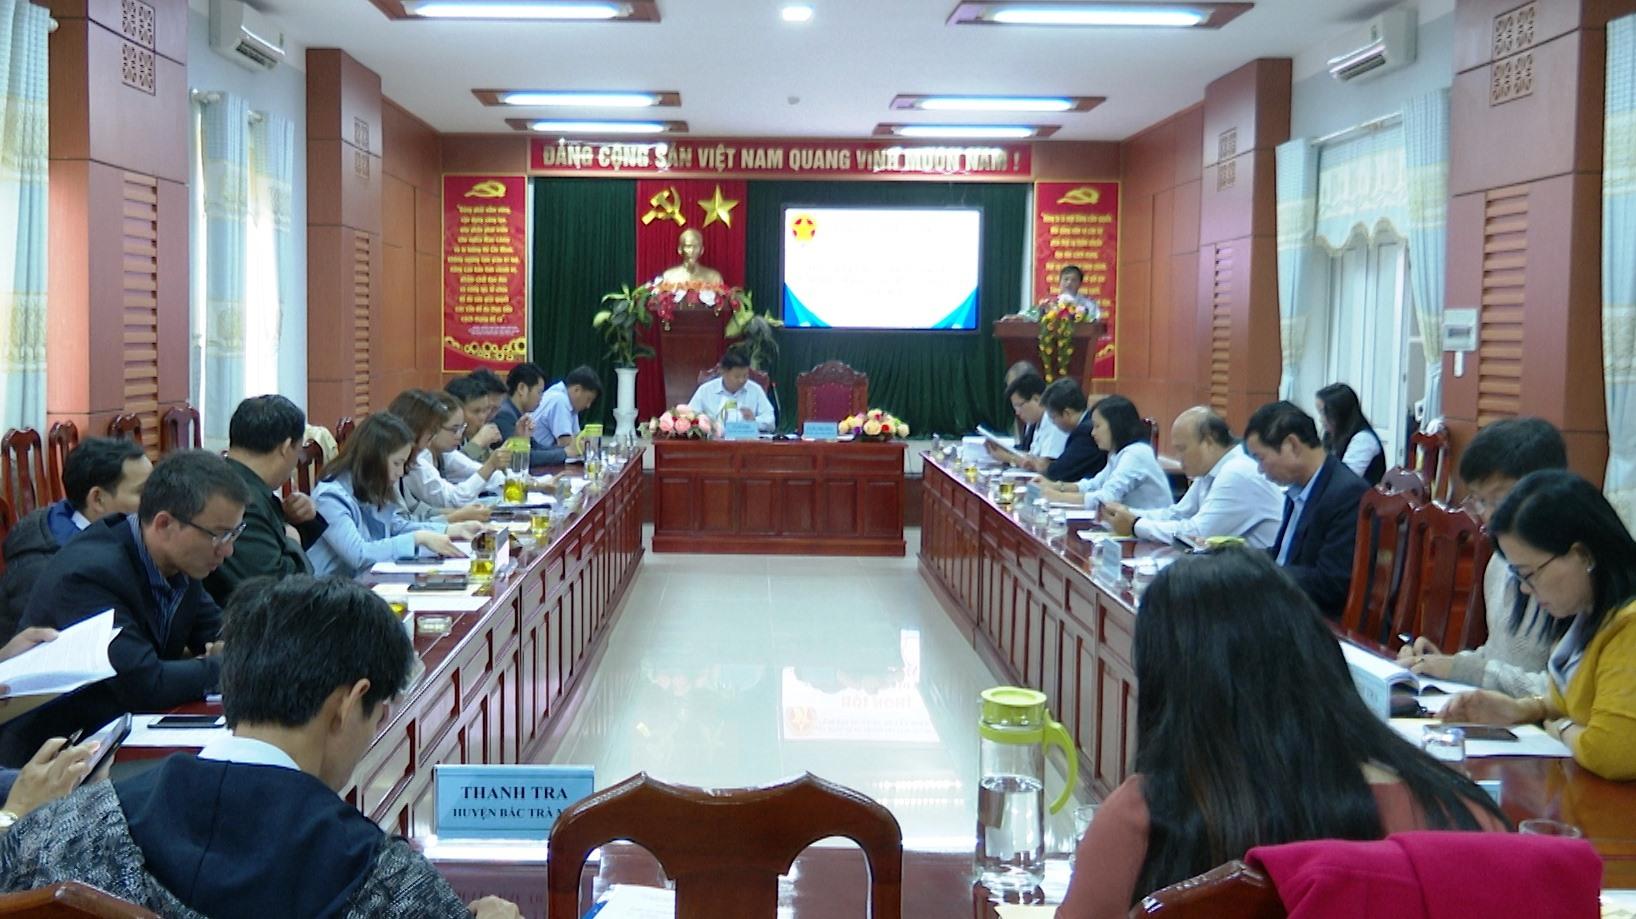 Hội nghị tổng kết Cụm Thanh tra 9 huyện miền núi tỉnh Quảng Nam năm 2020.